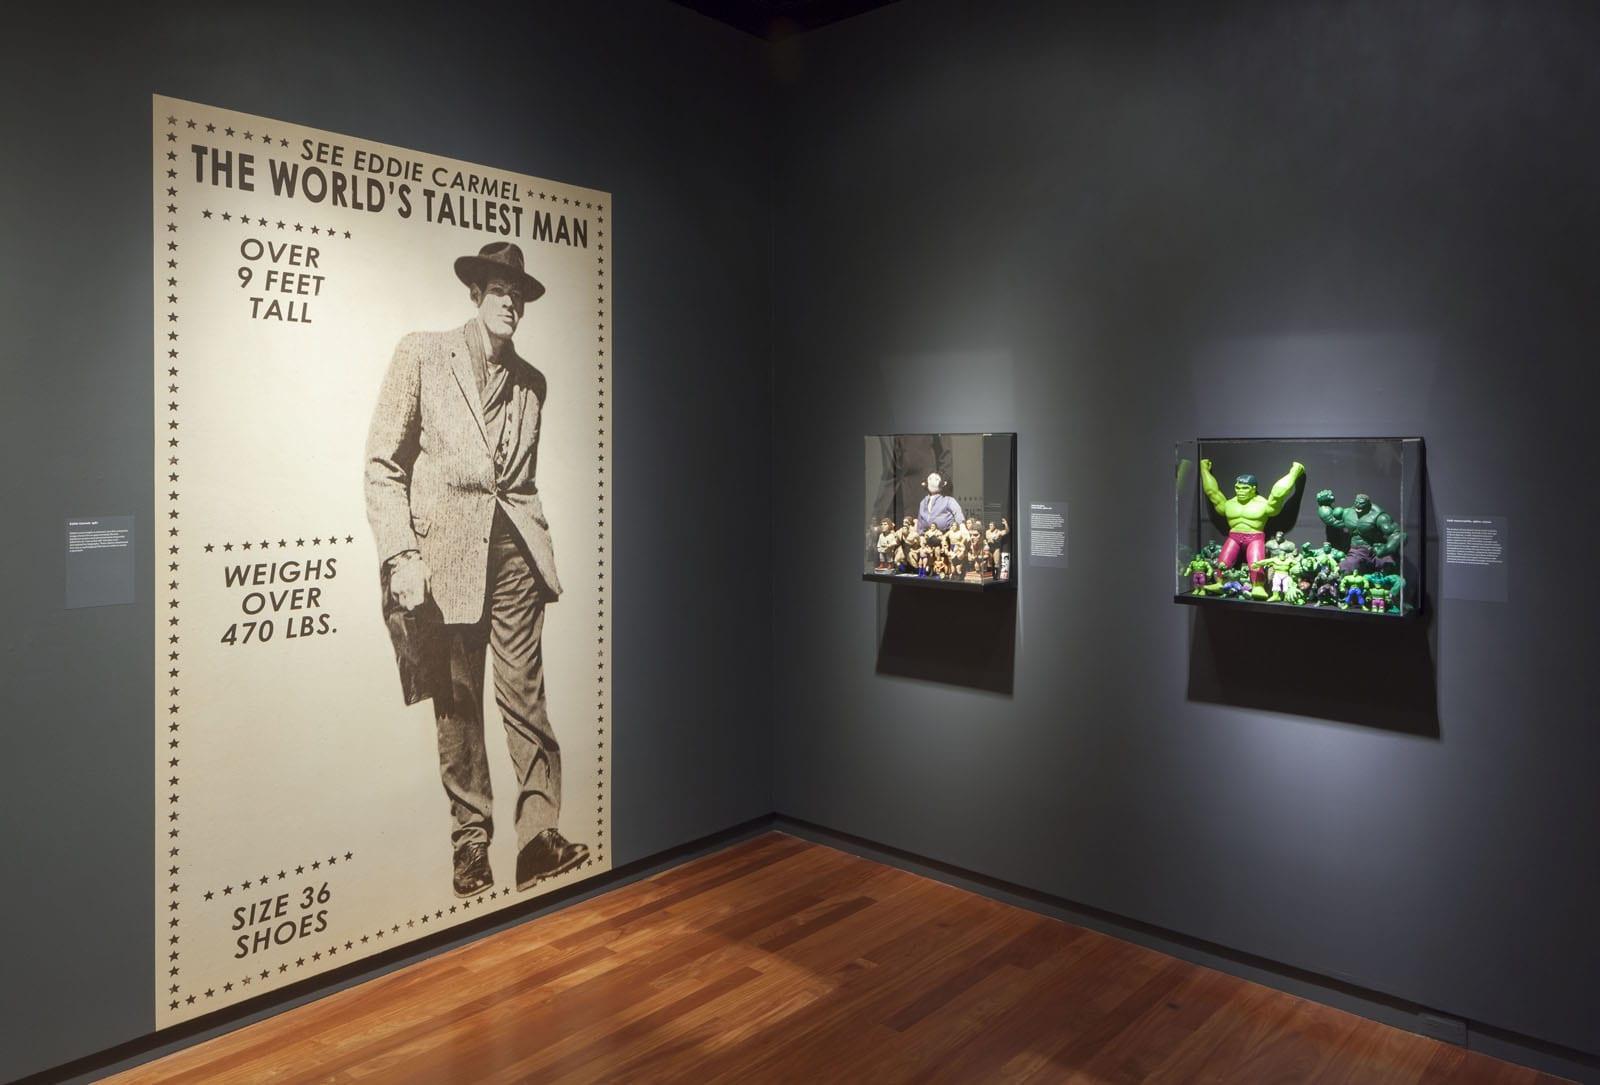 <i>Masterpieces & Curiosities: Diane Arbus's Jewish Giant</i> Opens April 11, 2014